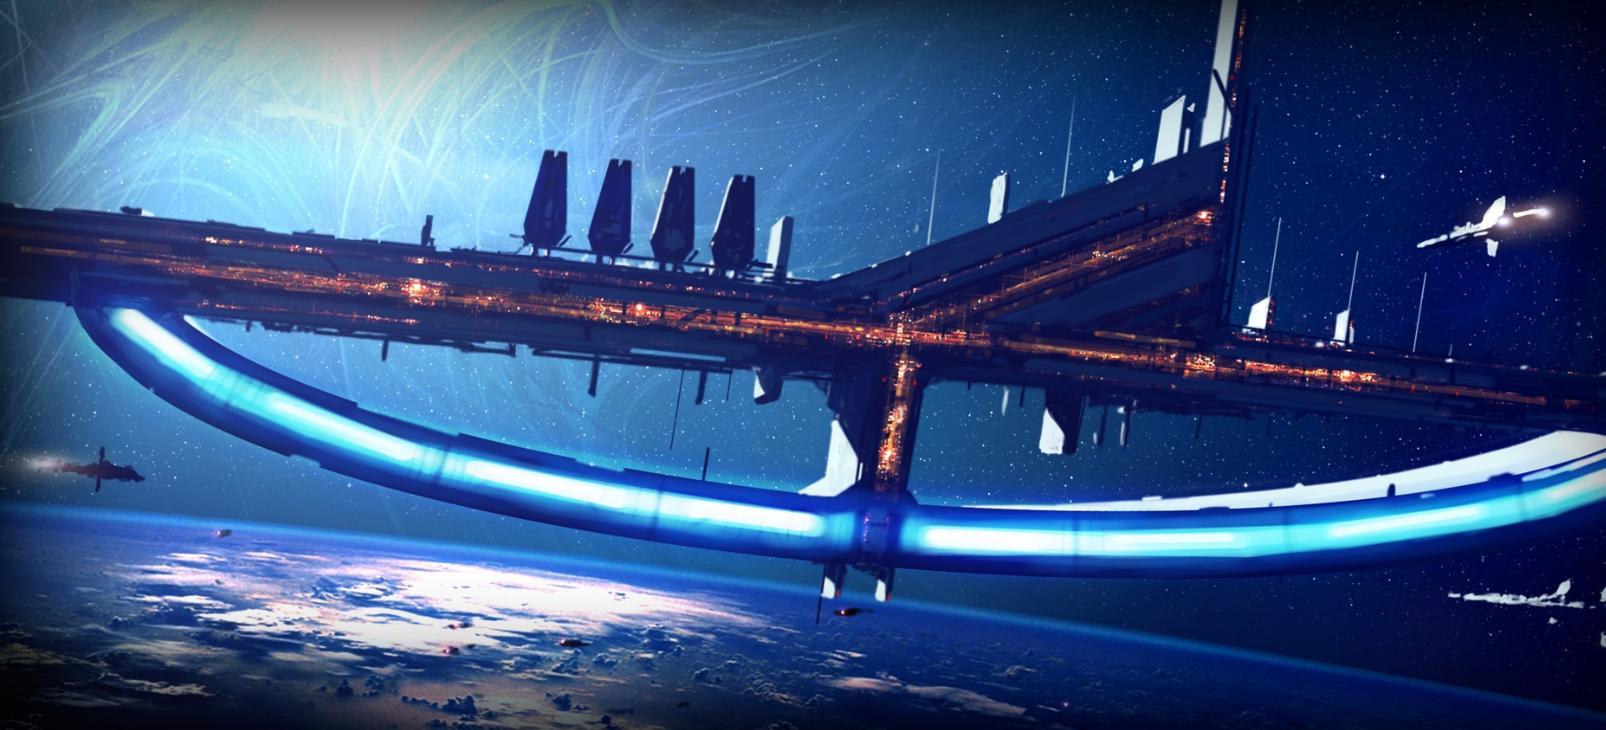 Klicke auf die Grafik für eine größere Ansicht  Name:Mass-Effect-2-01.JPG Hits:84 Größe:142,6 KB ID:77605